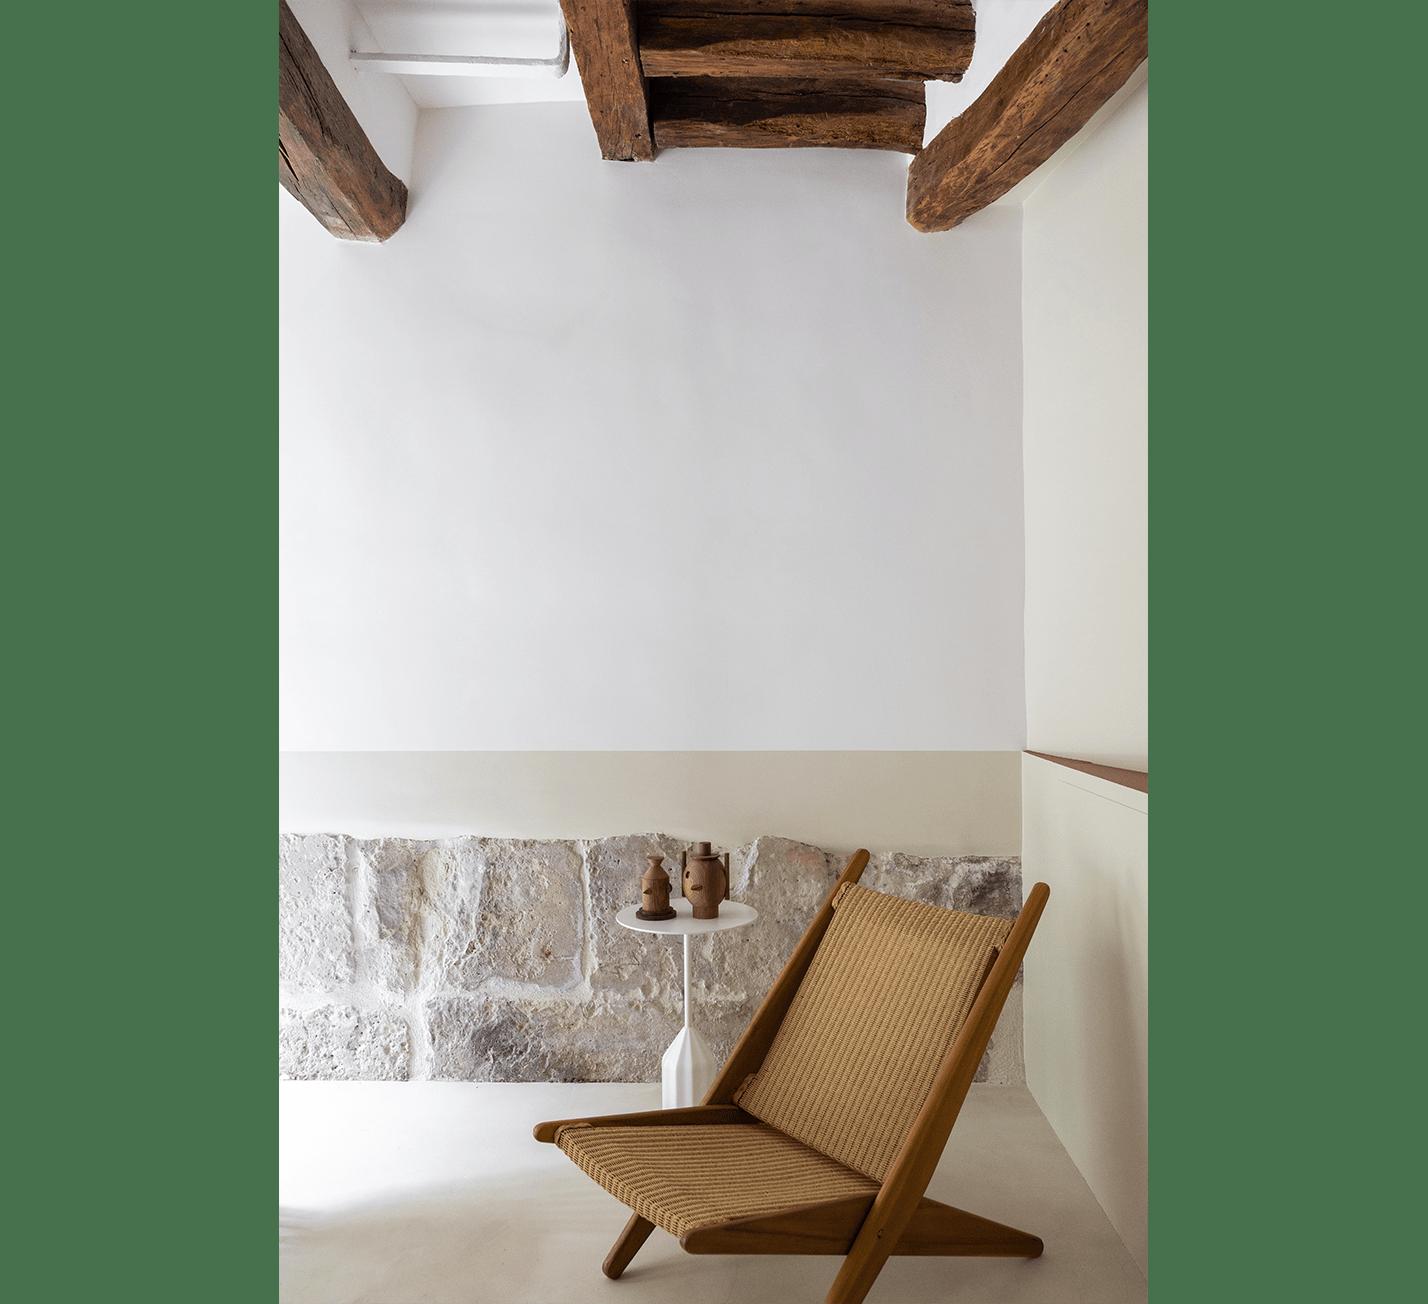 Projet-Gobelins-Atelier-Steve-Pauline-Borgia-Architecte-interieur-07-min